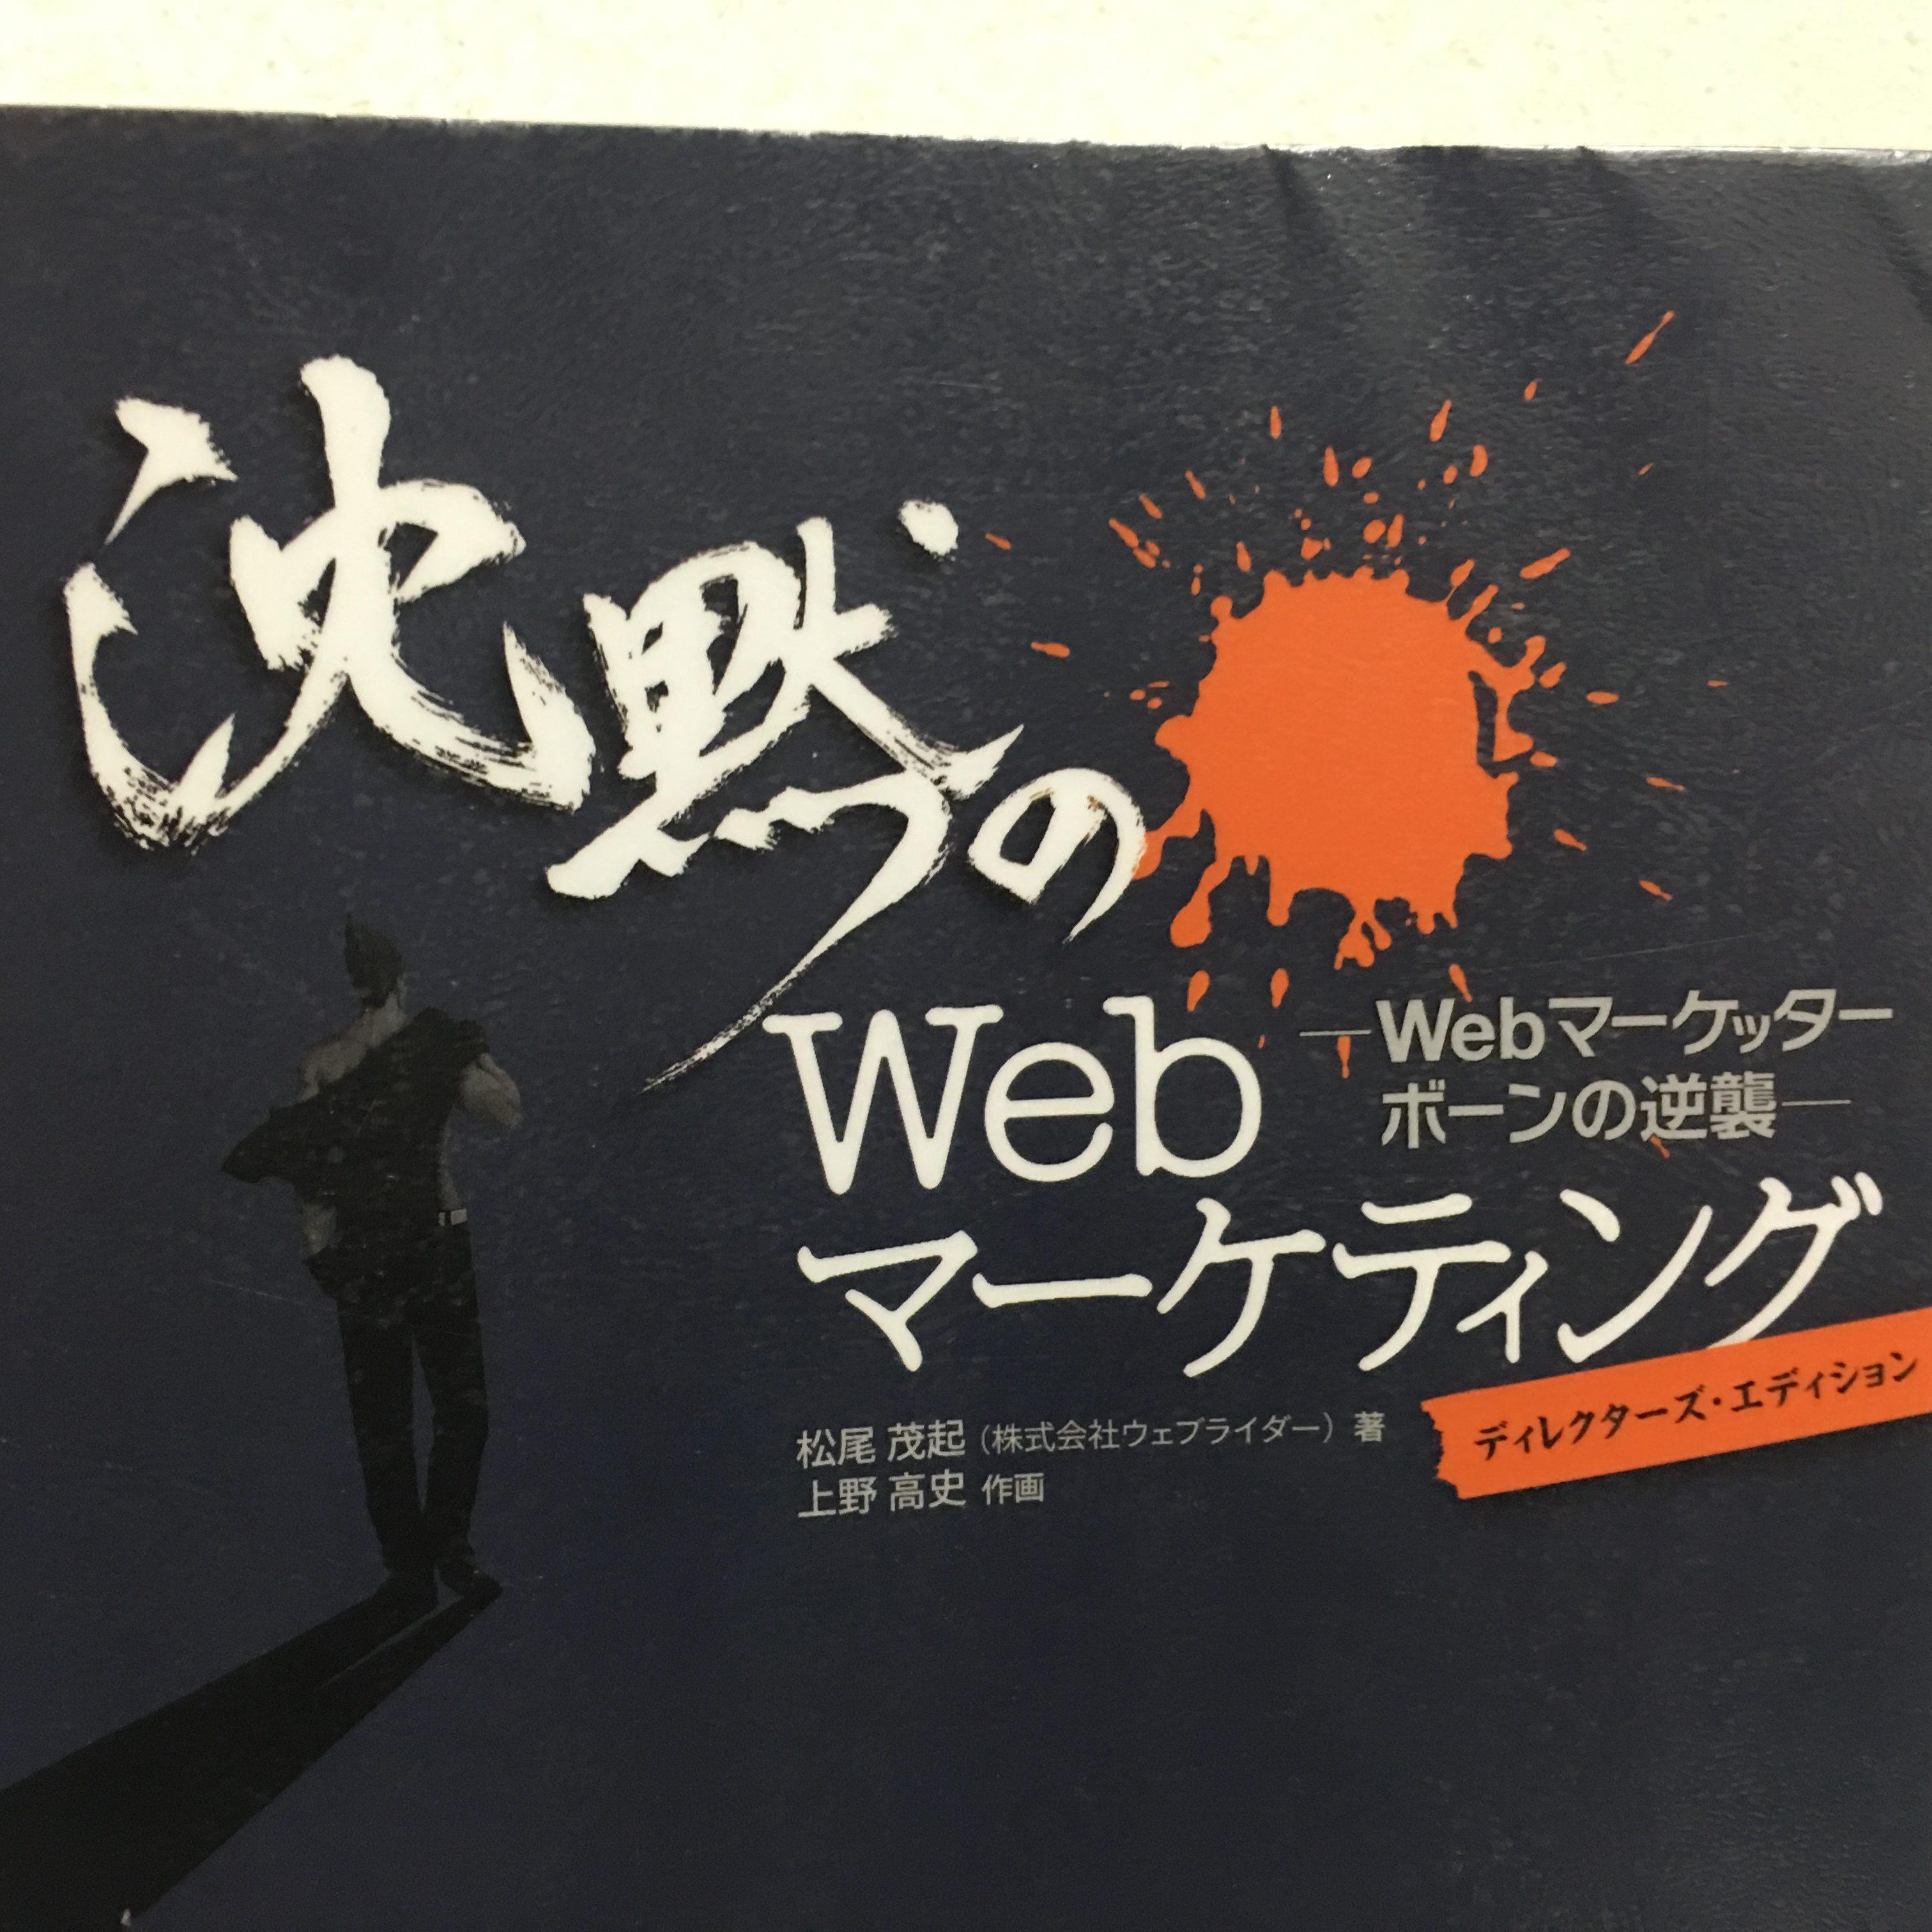 沈黙のWebマーケディング